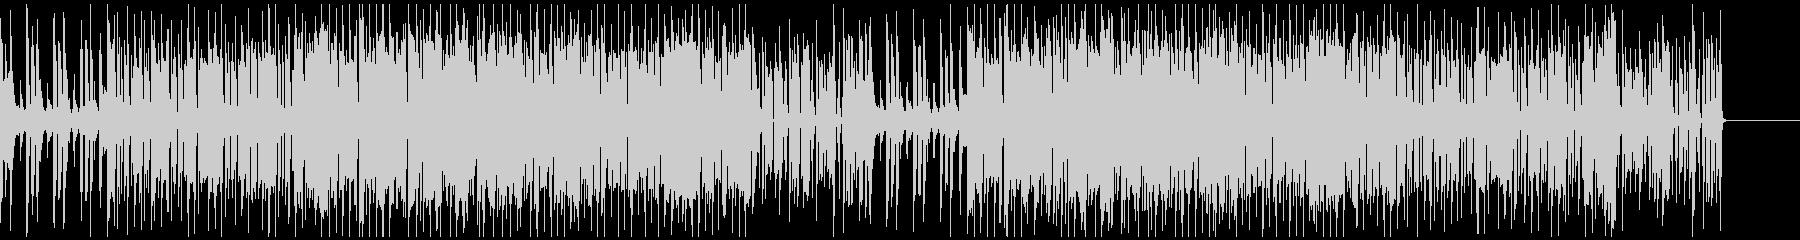 ファンクギターによるグルーブの追求の未再生の波形